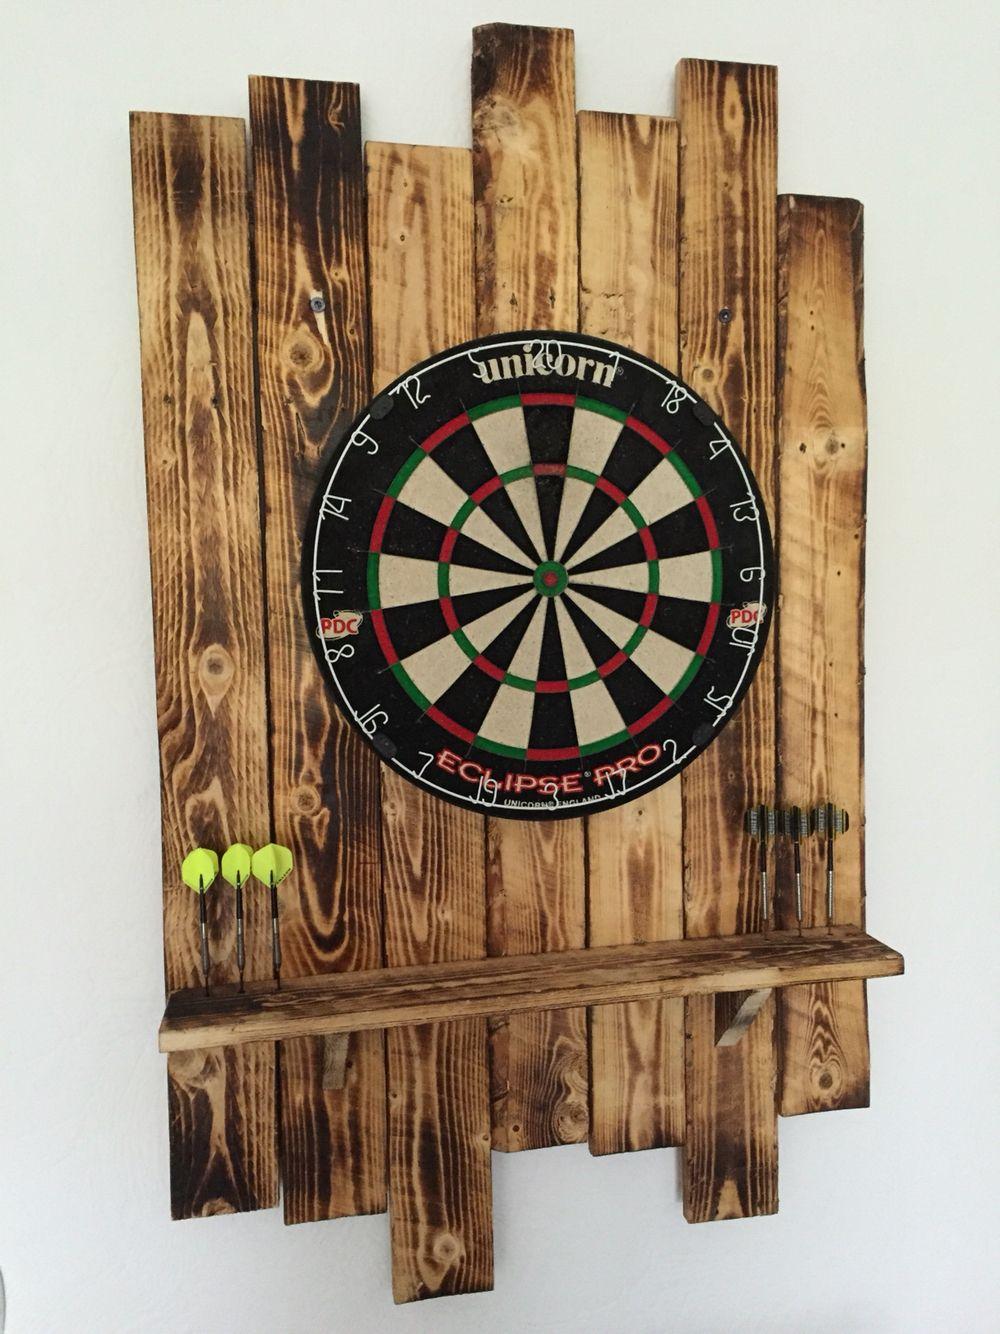 Dartboard Aus Palettenholz Eigenbau Wood Pallets Dart Board Dart Board Wall